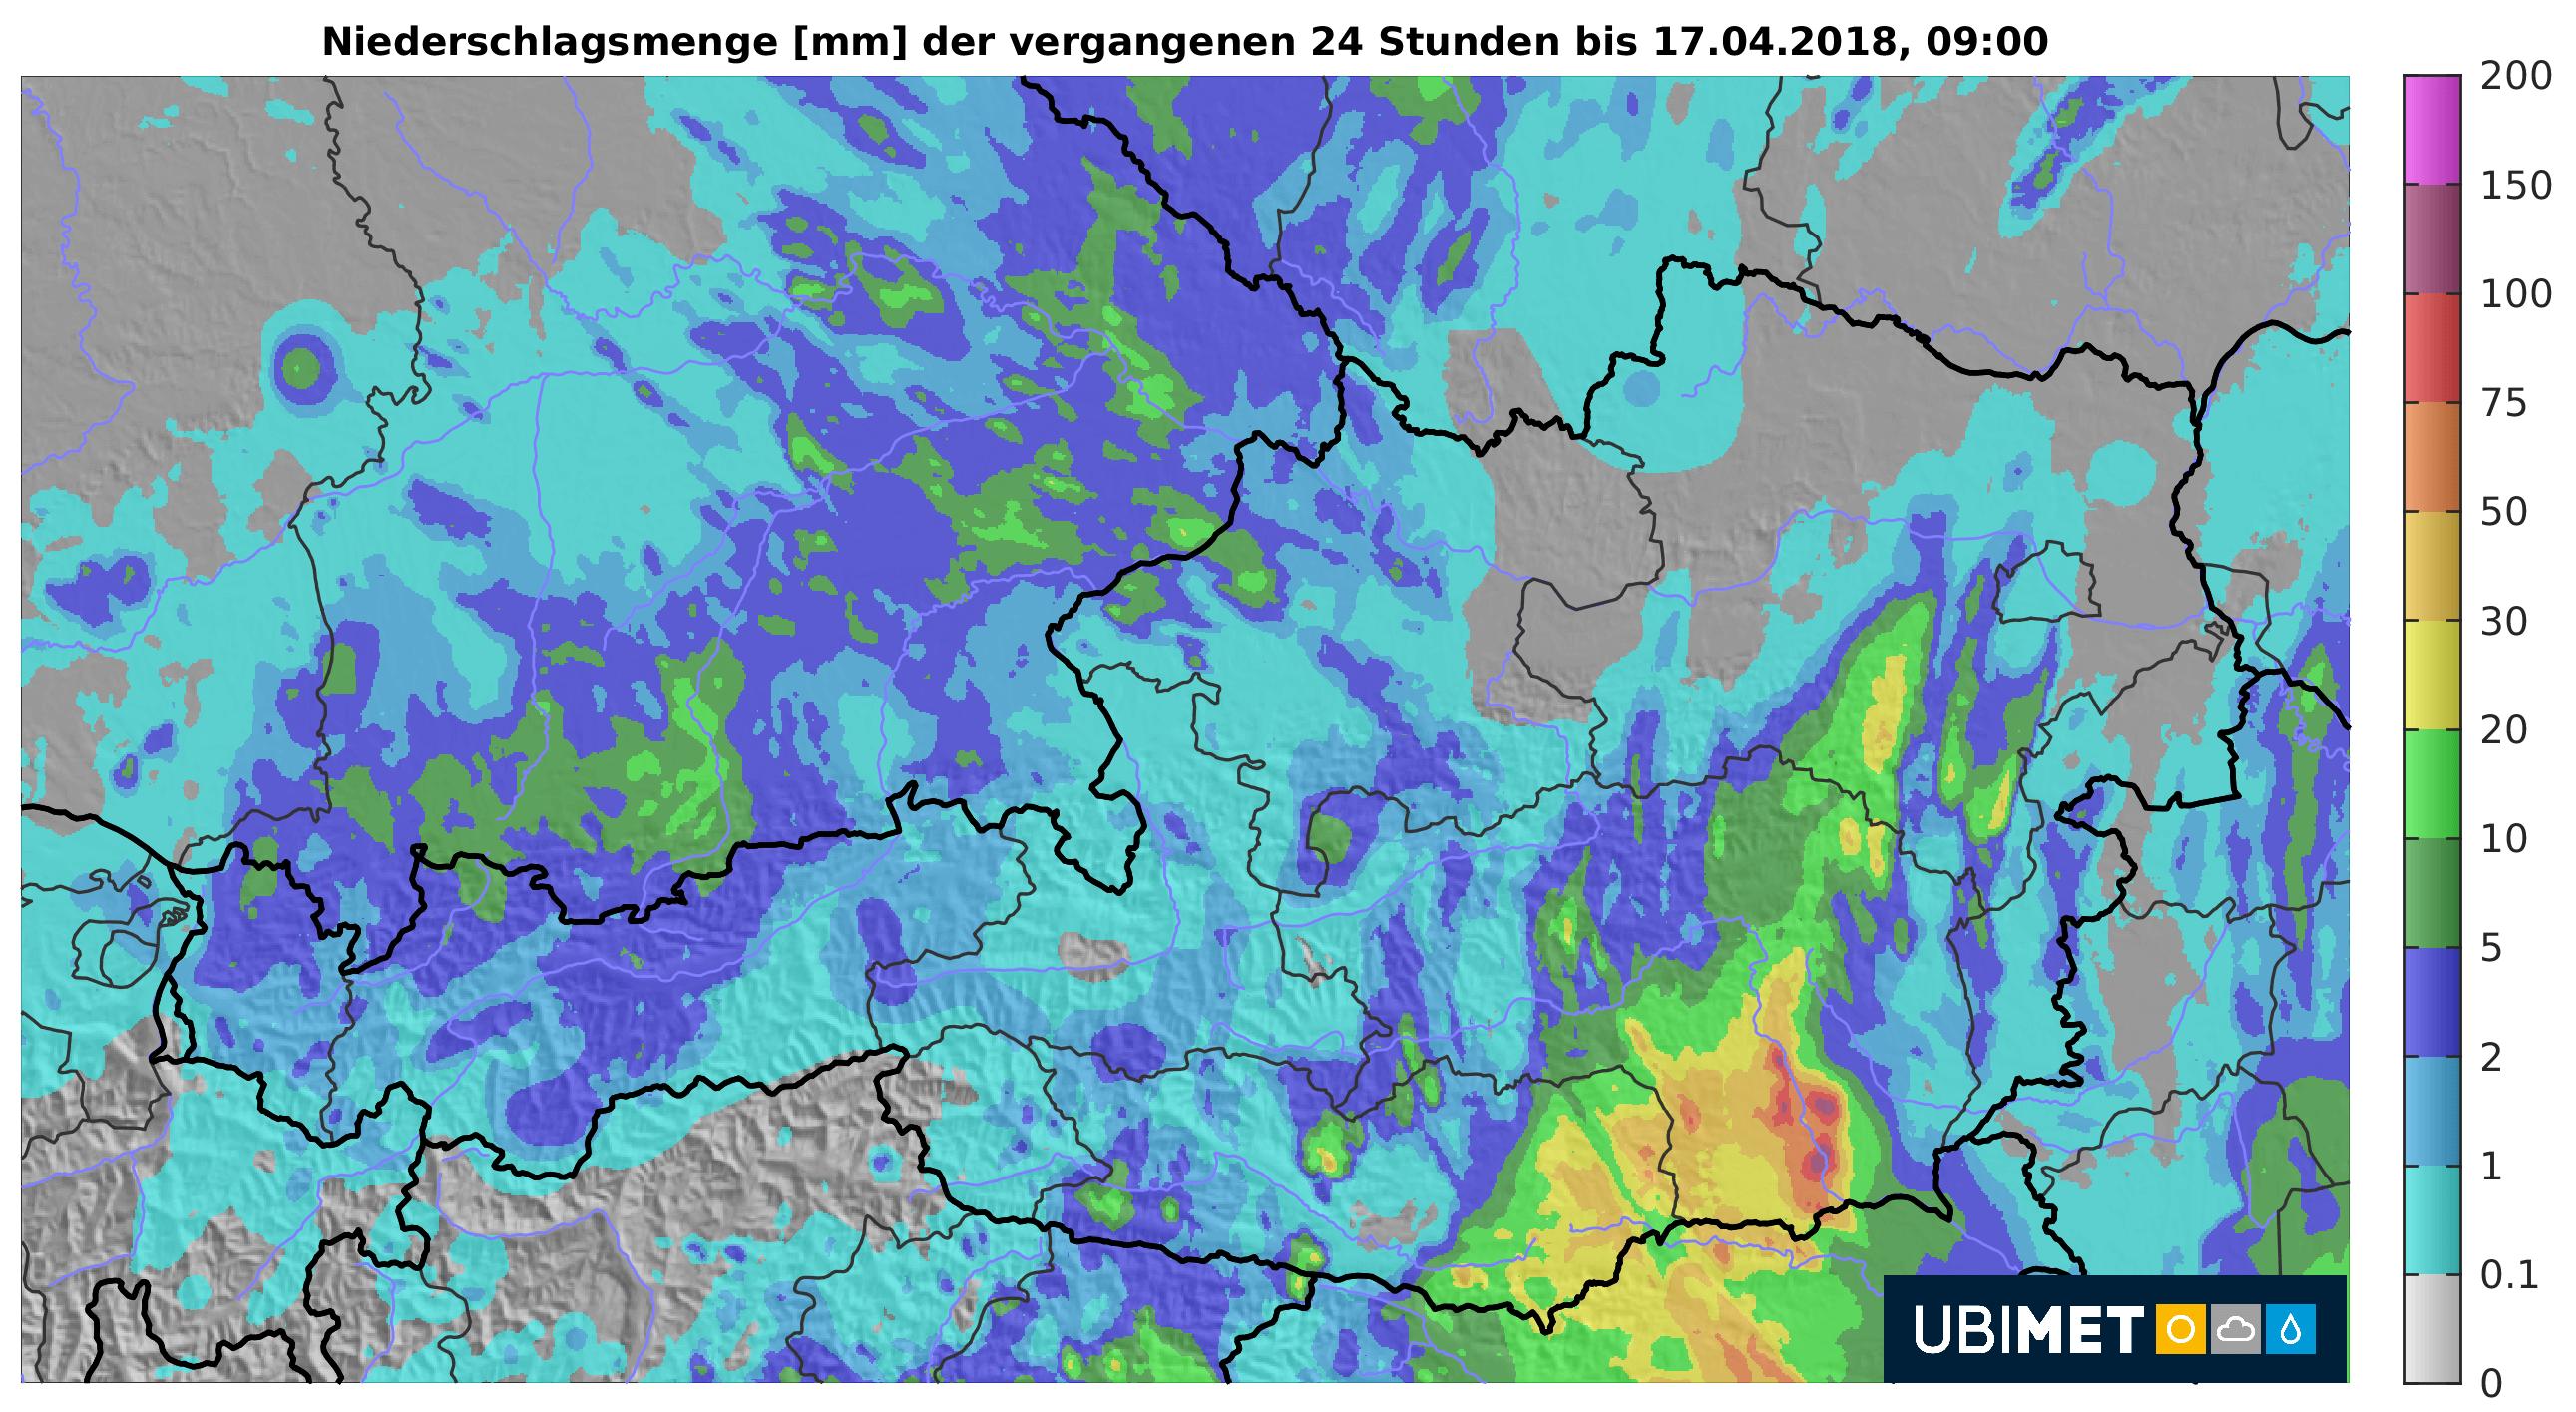 24h-Niederschlagsmenge. © UBIMET